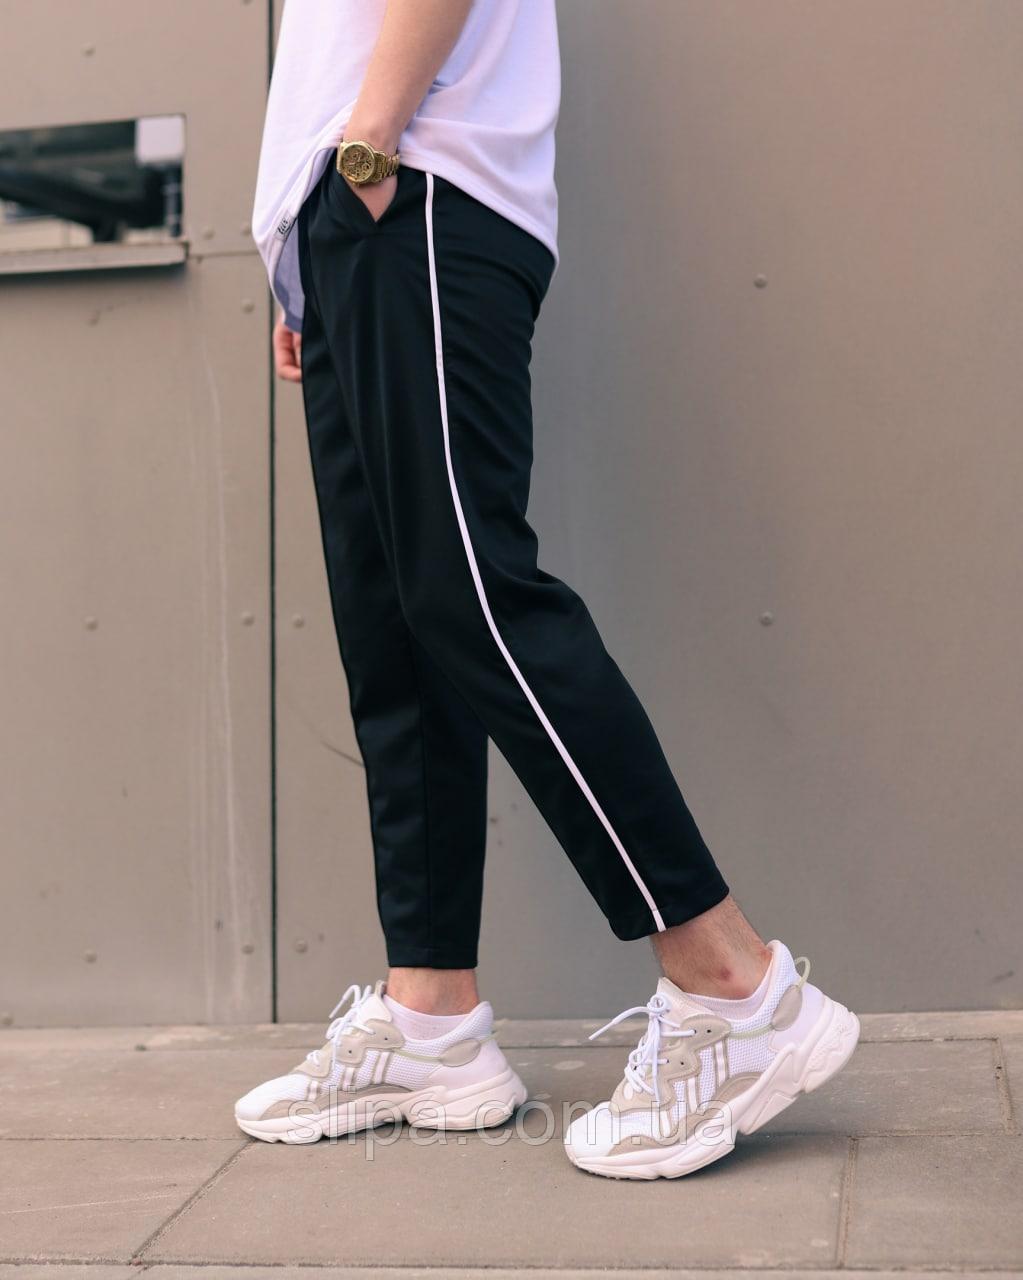 Чёрные спортивные штаны с тонким белым лампасом   вискоза + полиэстер + эластан